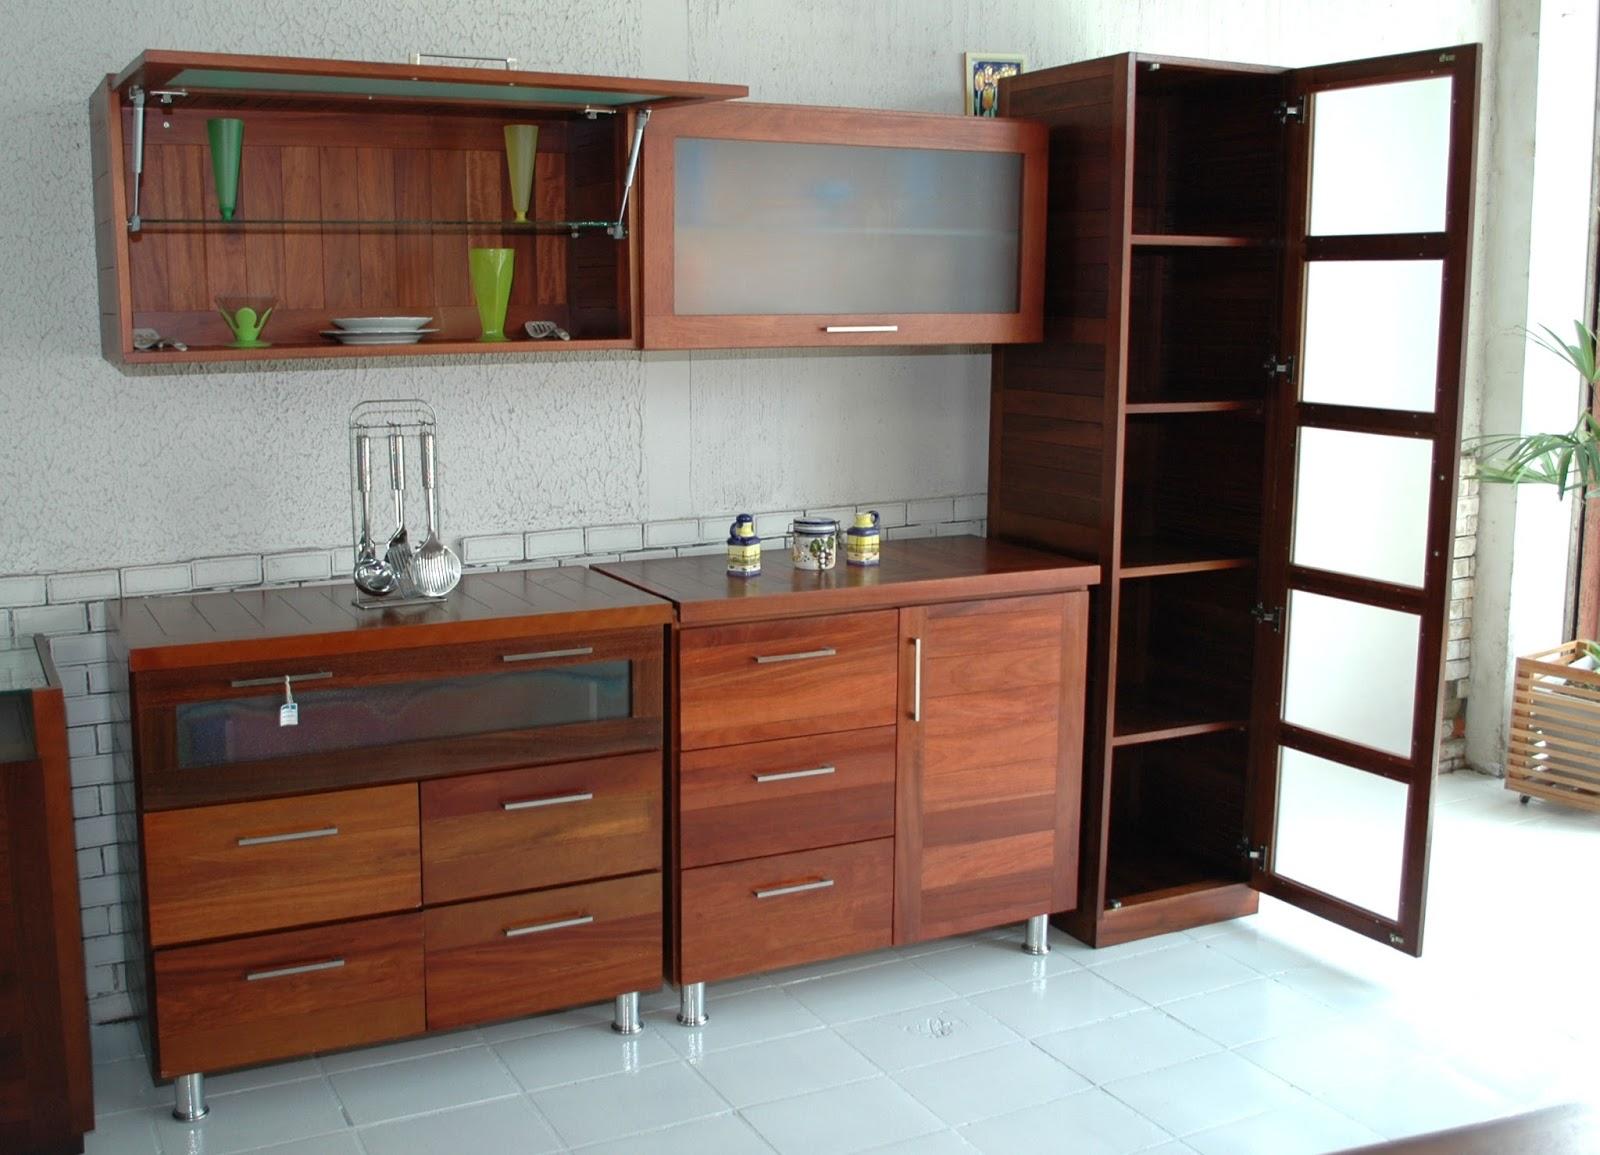 em madeira e MDF: Móveis planejados com resíduos de madeira #733E29 1600x1155